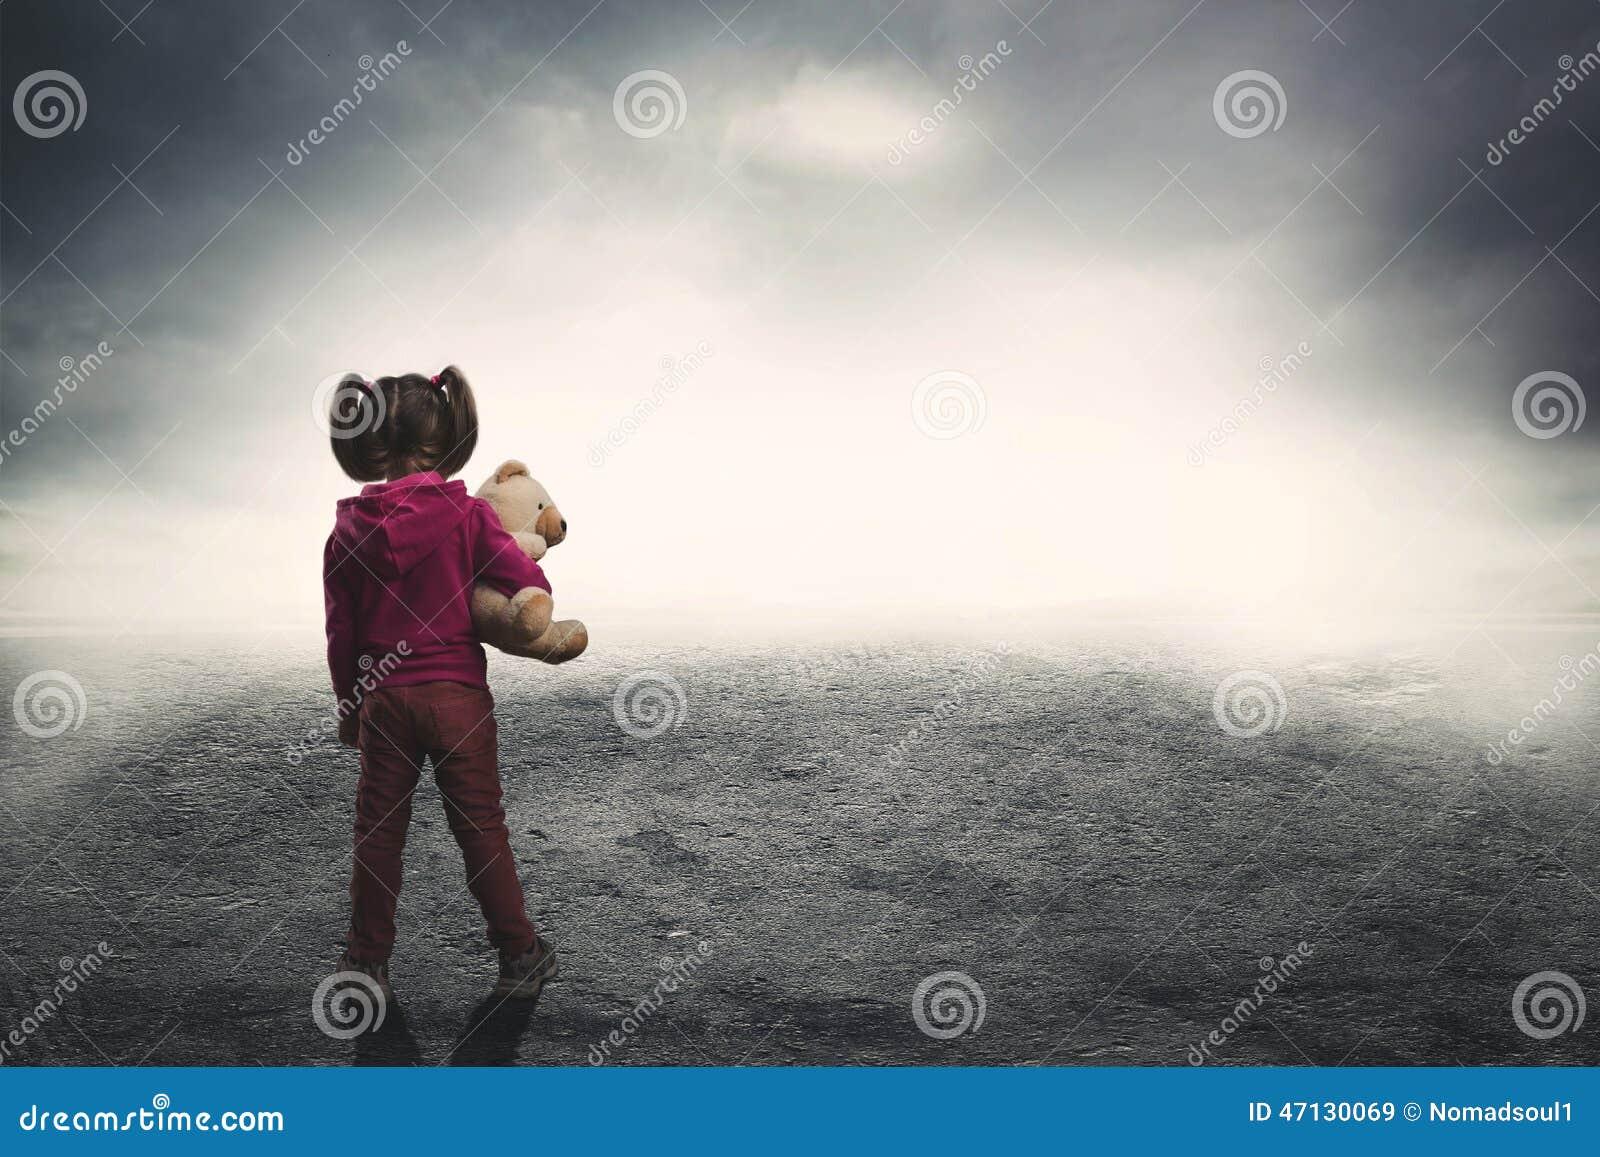 Mała dziewczynka z zabawka niedźwiedziem w ciemności